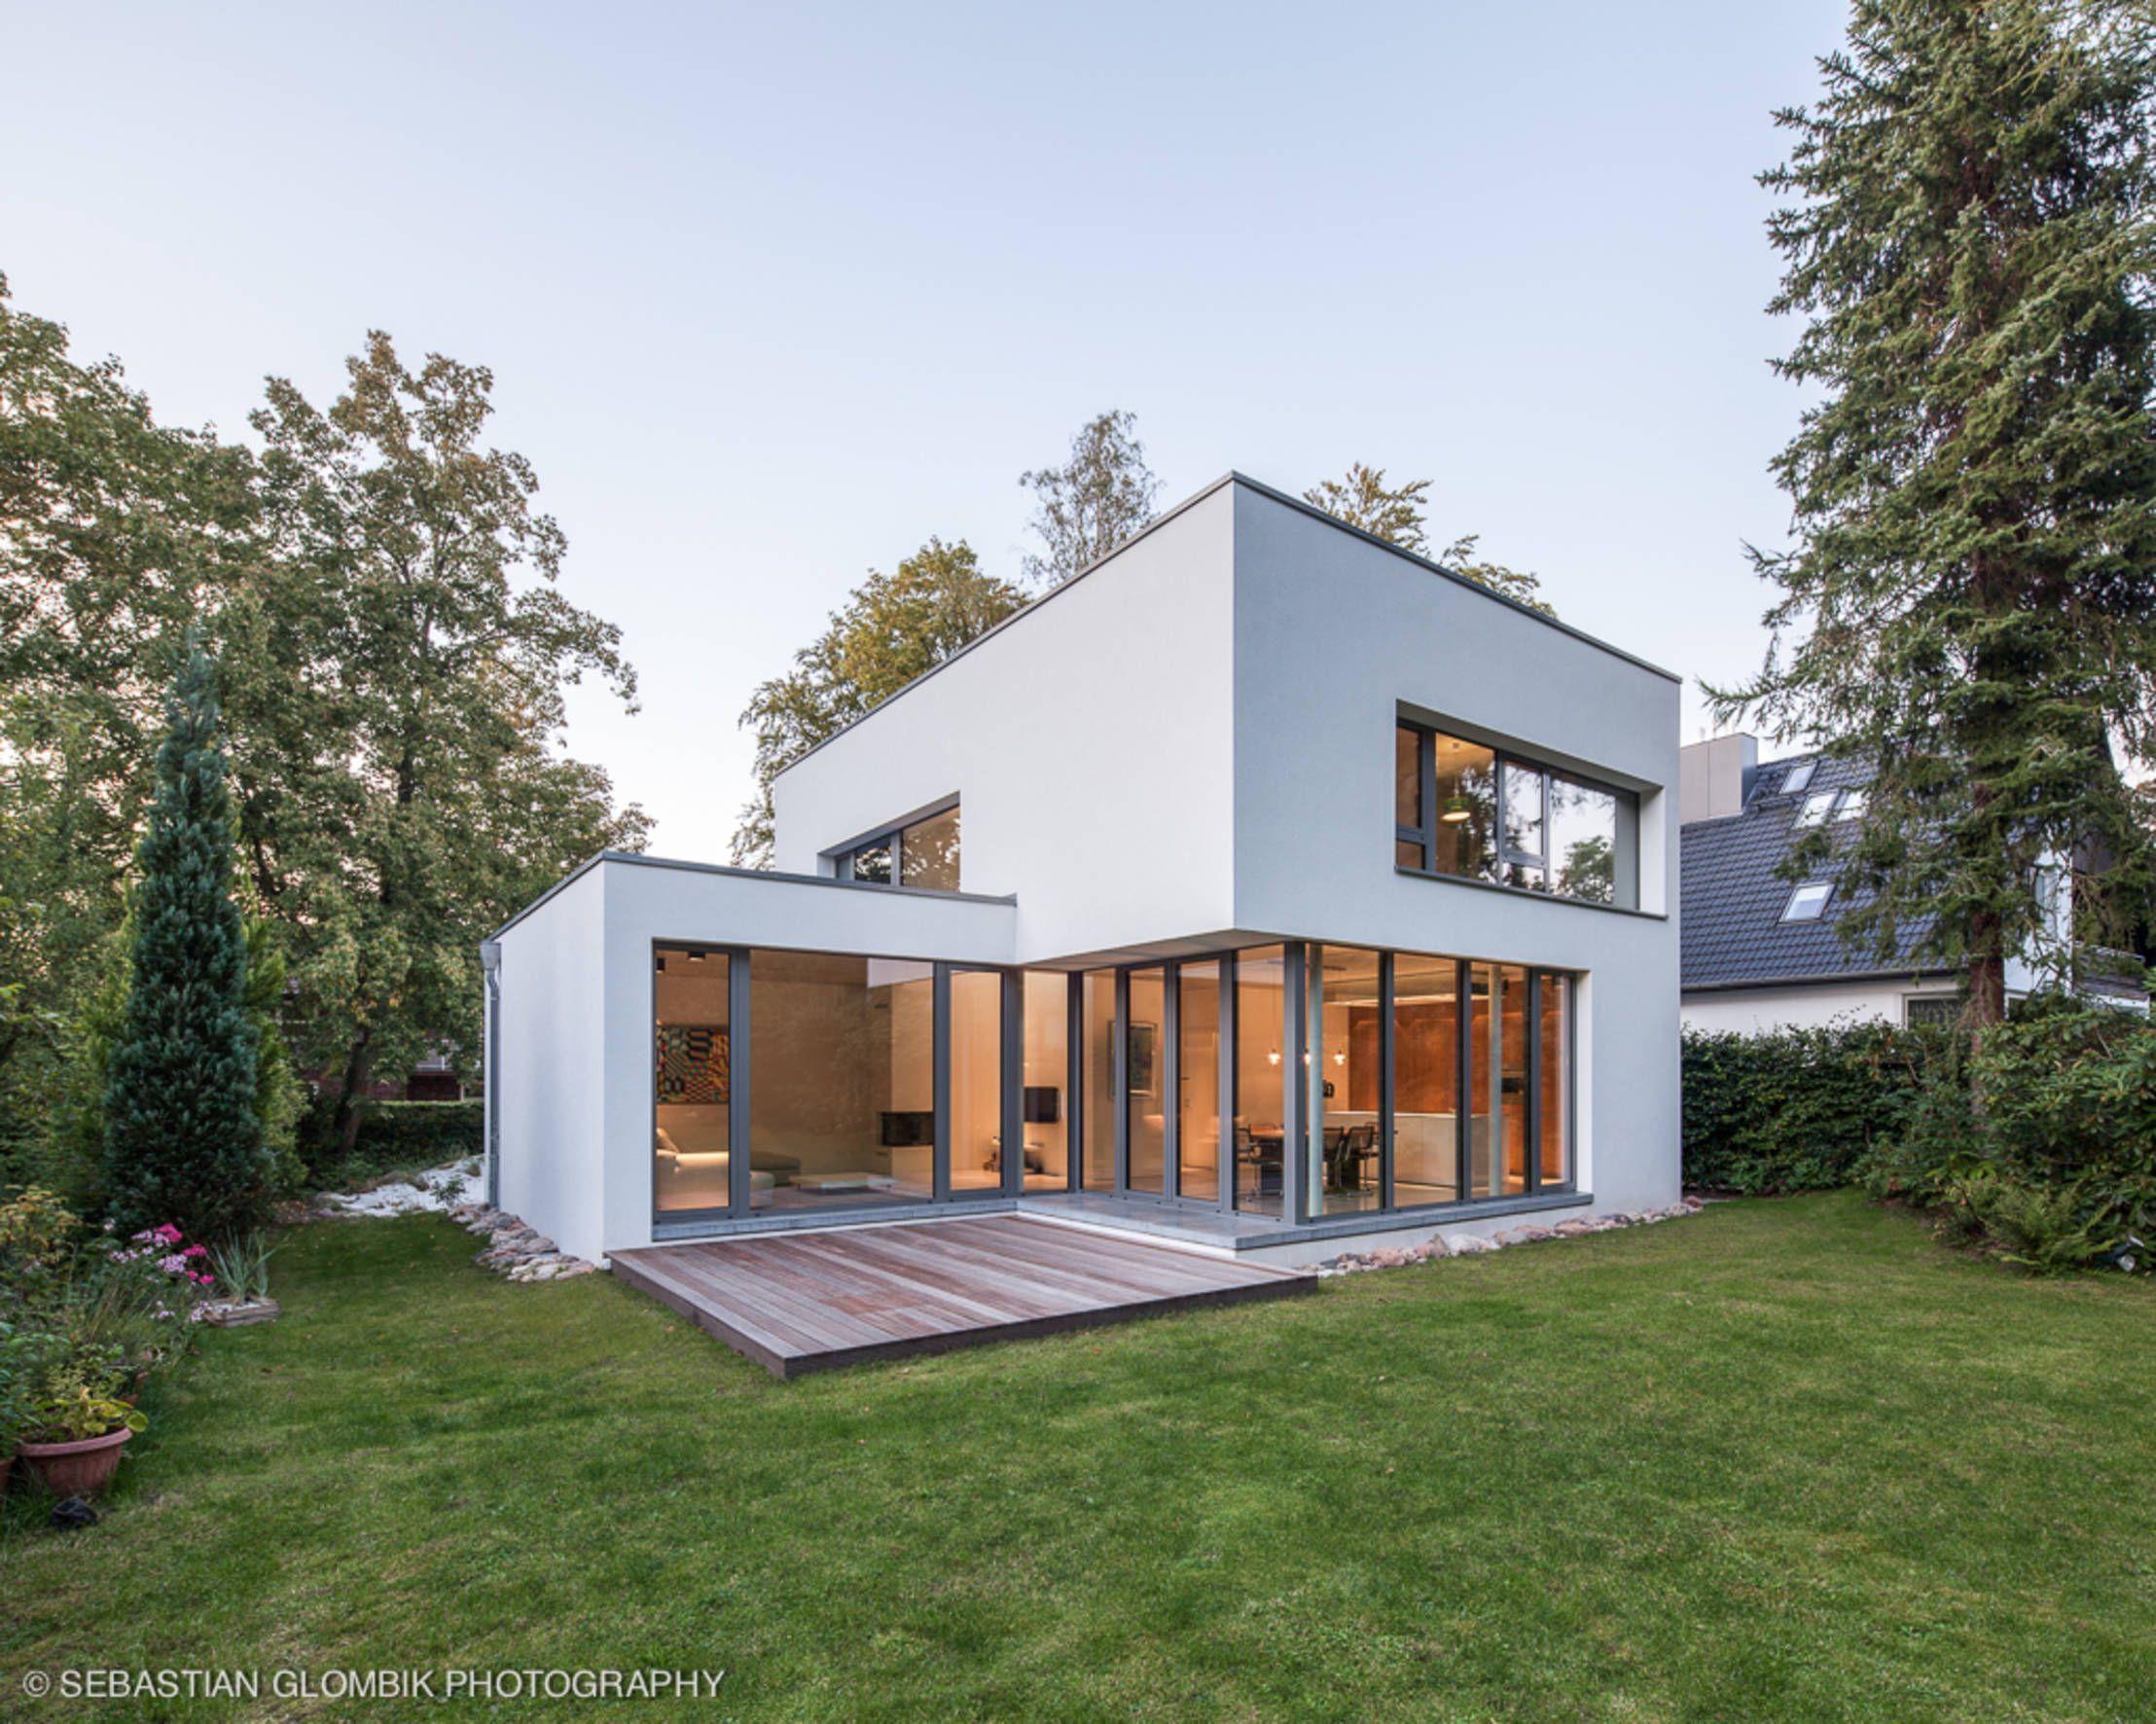 Les maisons à toit plat, modernes et au design épuré, apport\u2026